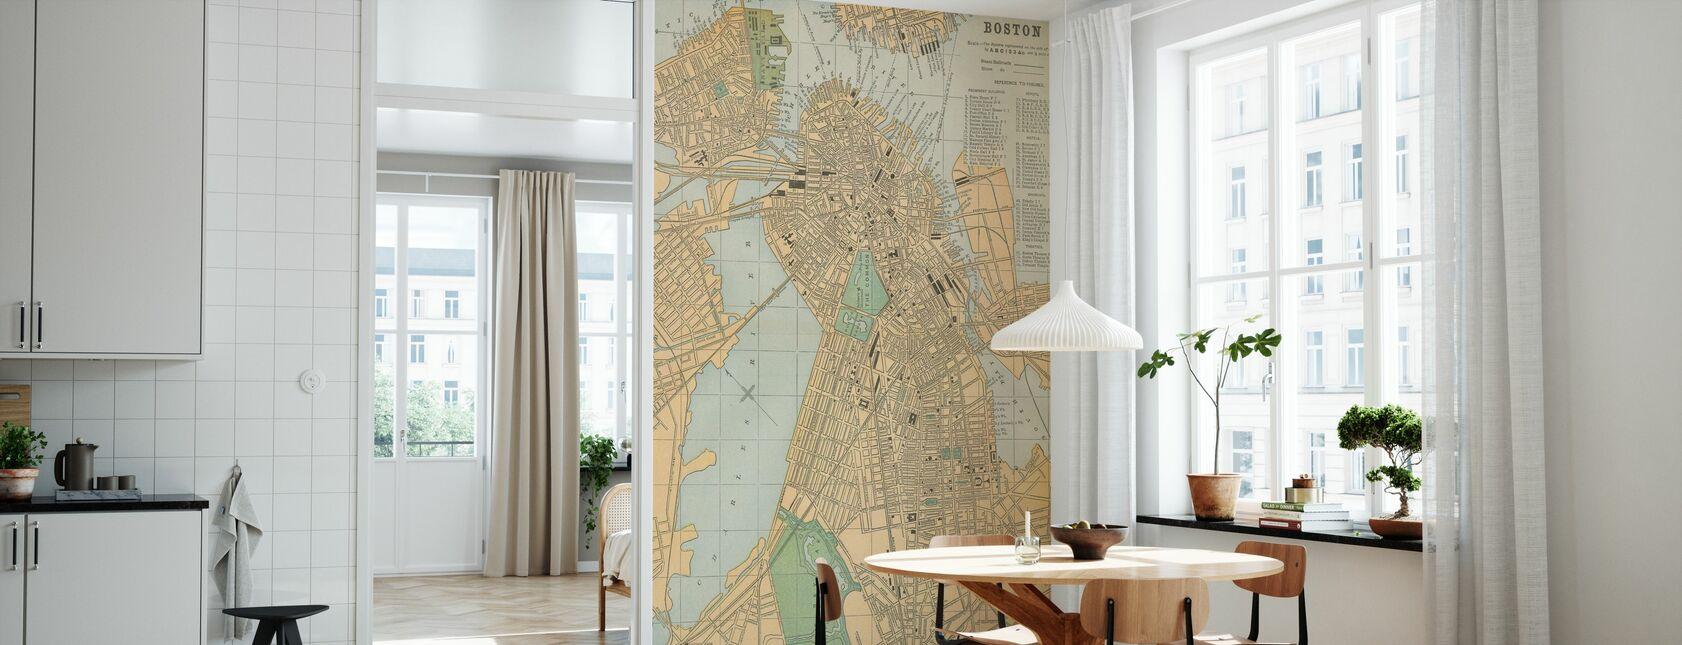 Boston Map - Wallpaper - Kitchen